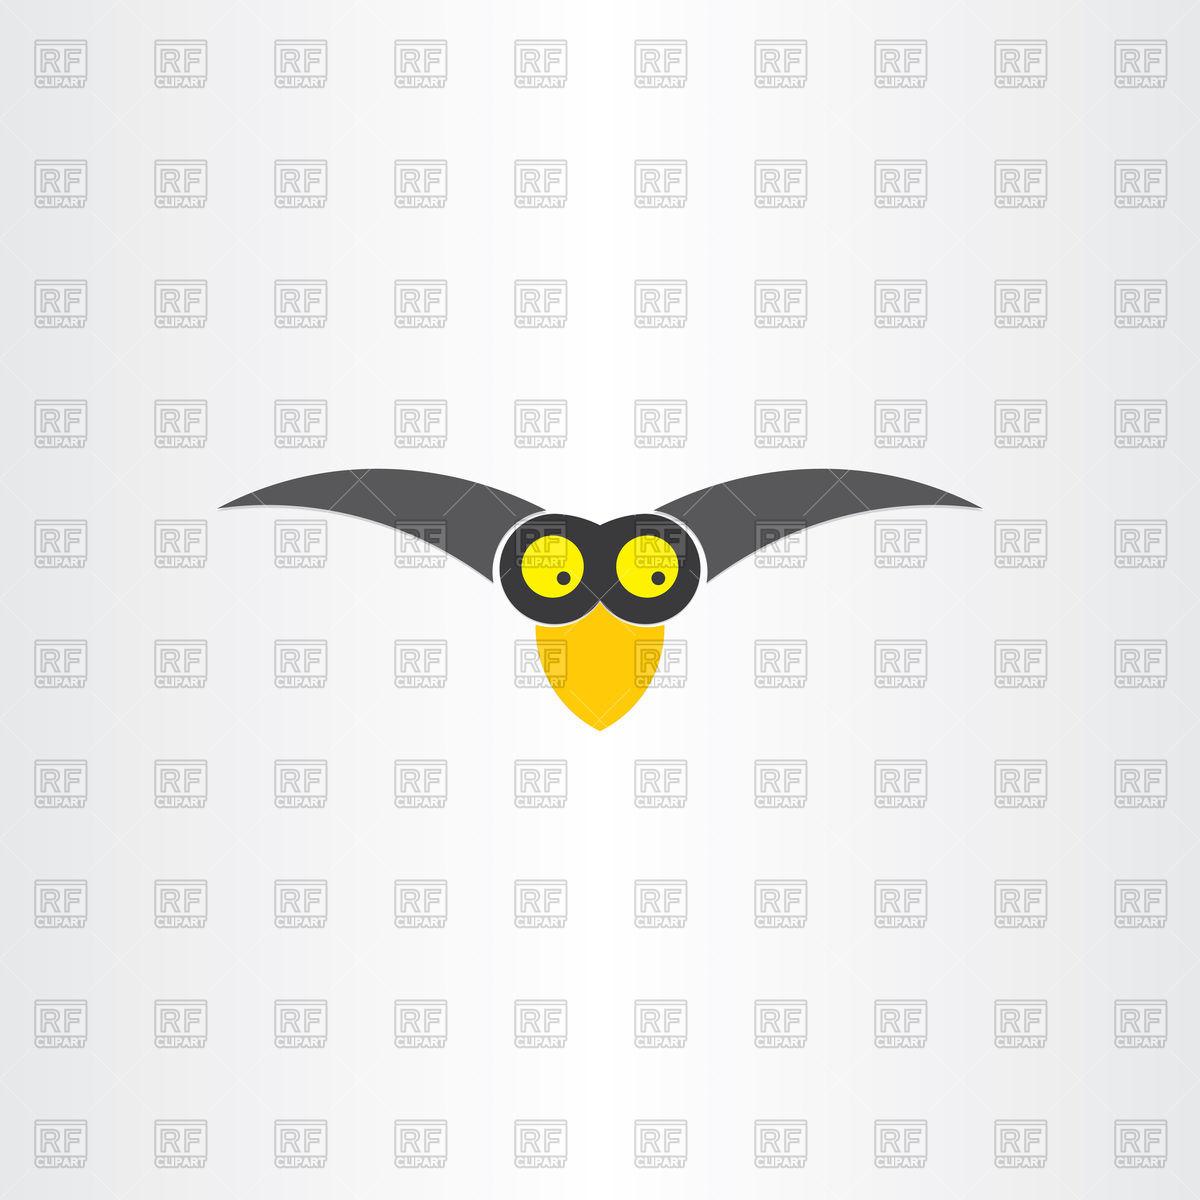 Funny western jackdaw bird cartoon icon Vector Image #102453.